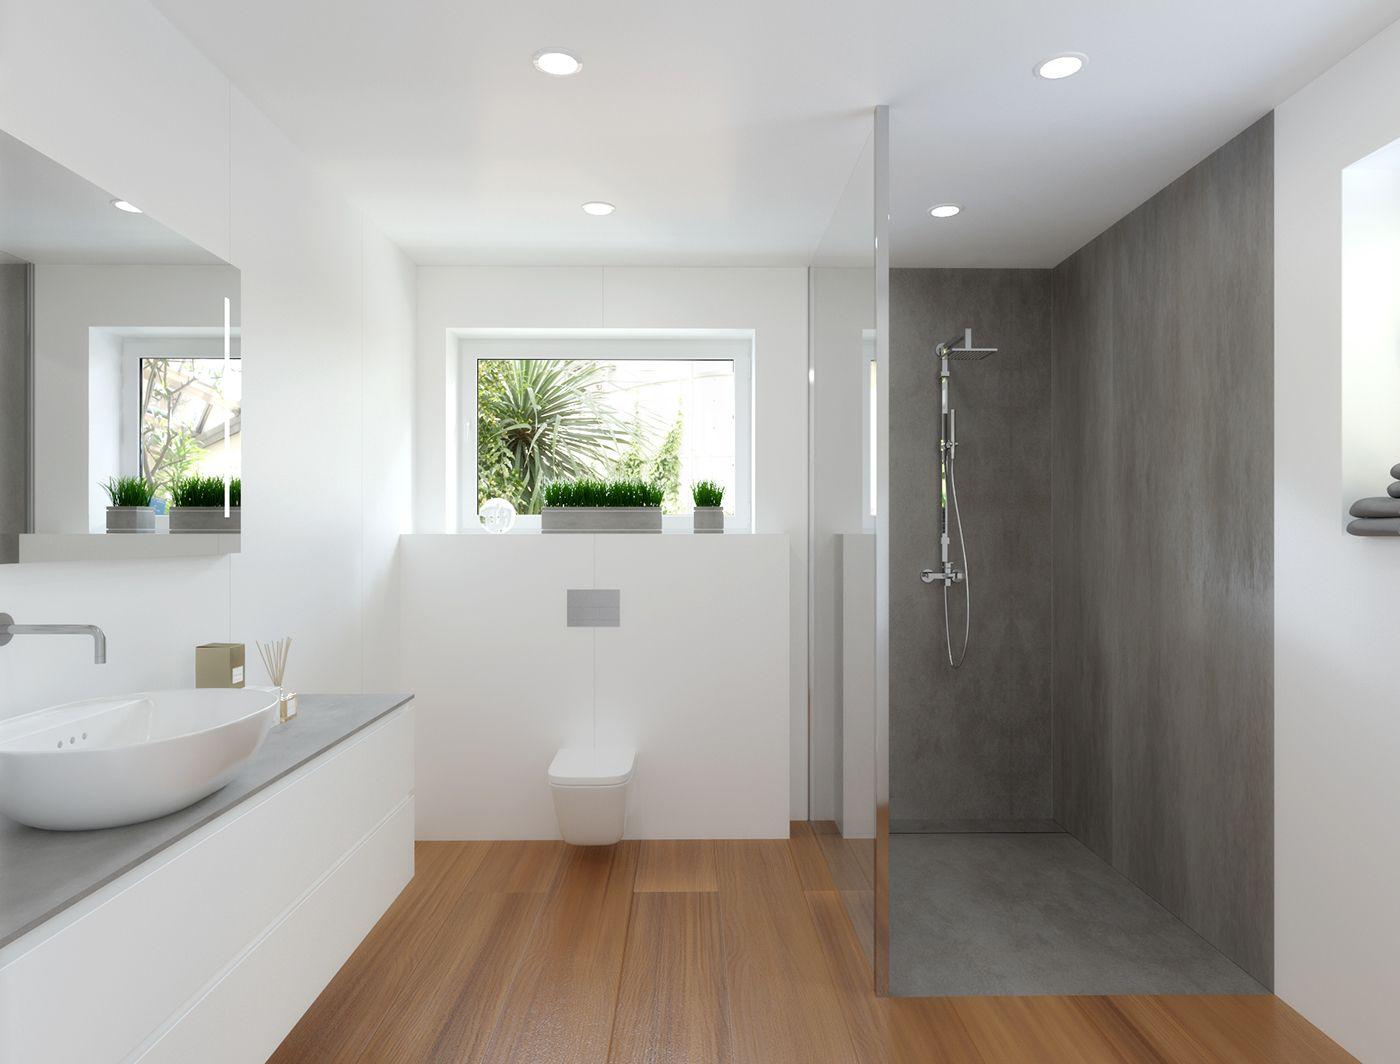 Визуализация ванной комнаты, 2016 on Behance | Визуализация ...